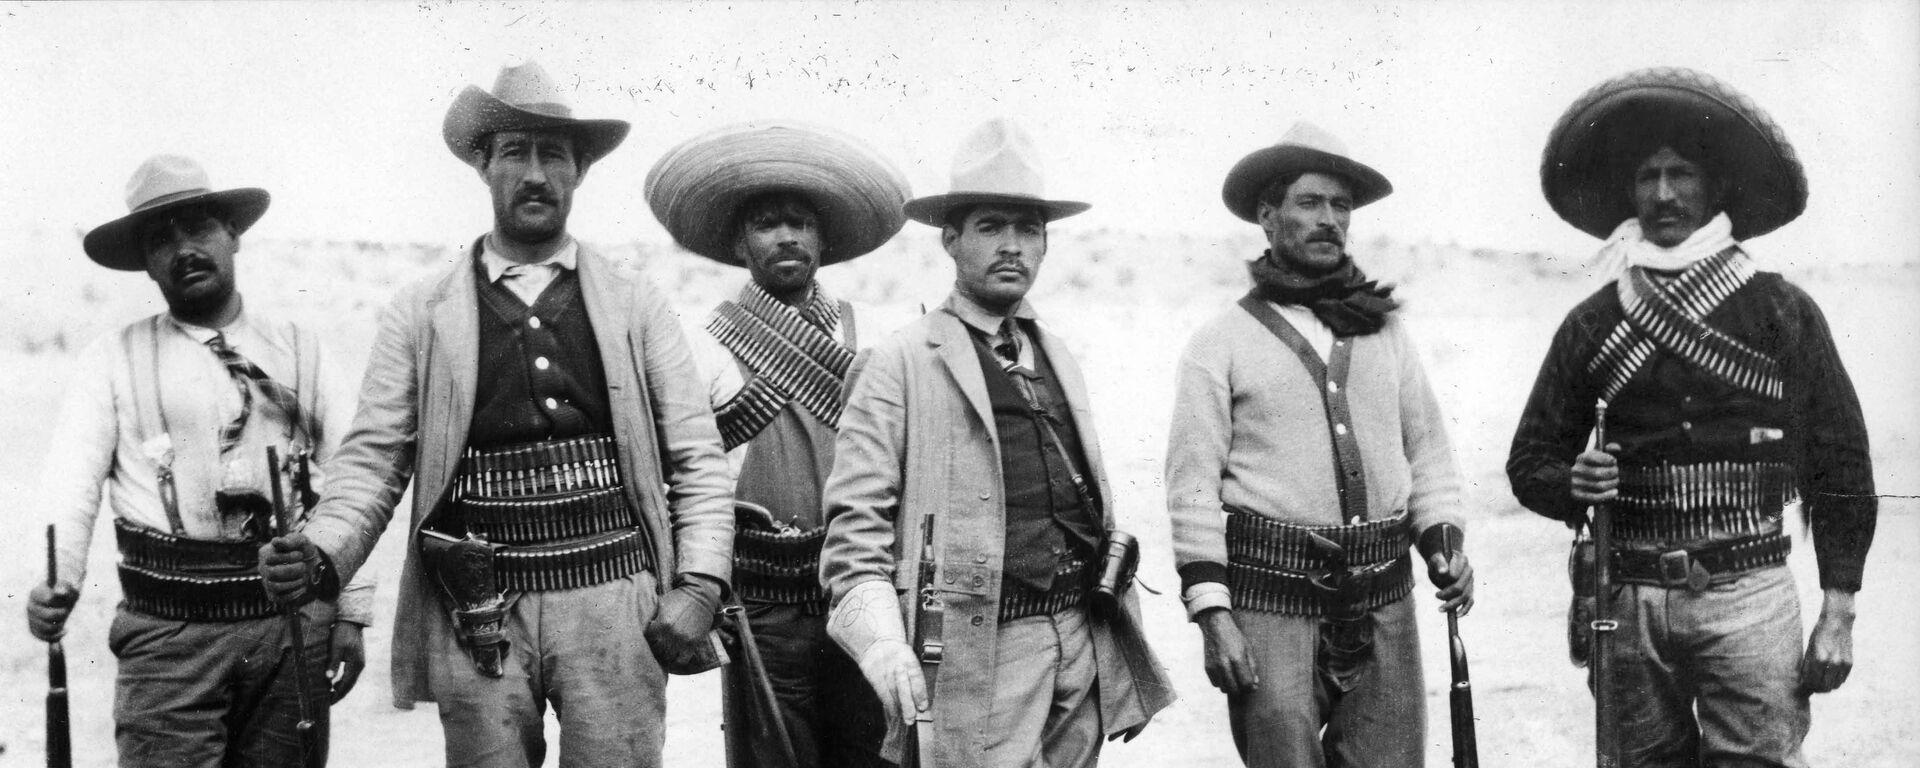 Revolución mexicana - Sputnik Mundo, 1920, 13.08.2016